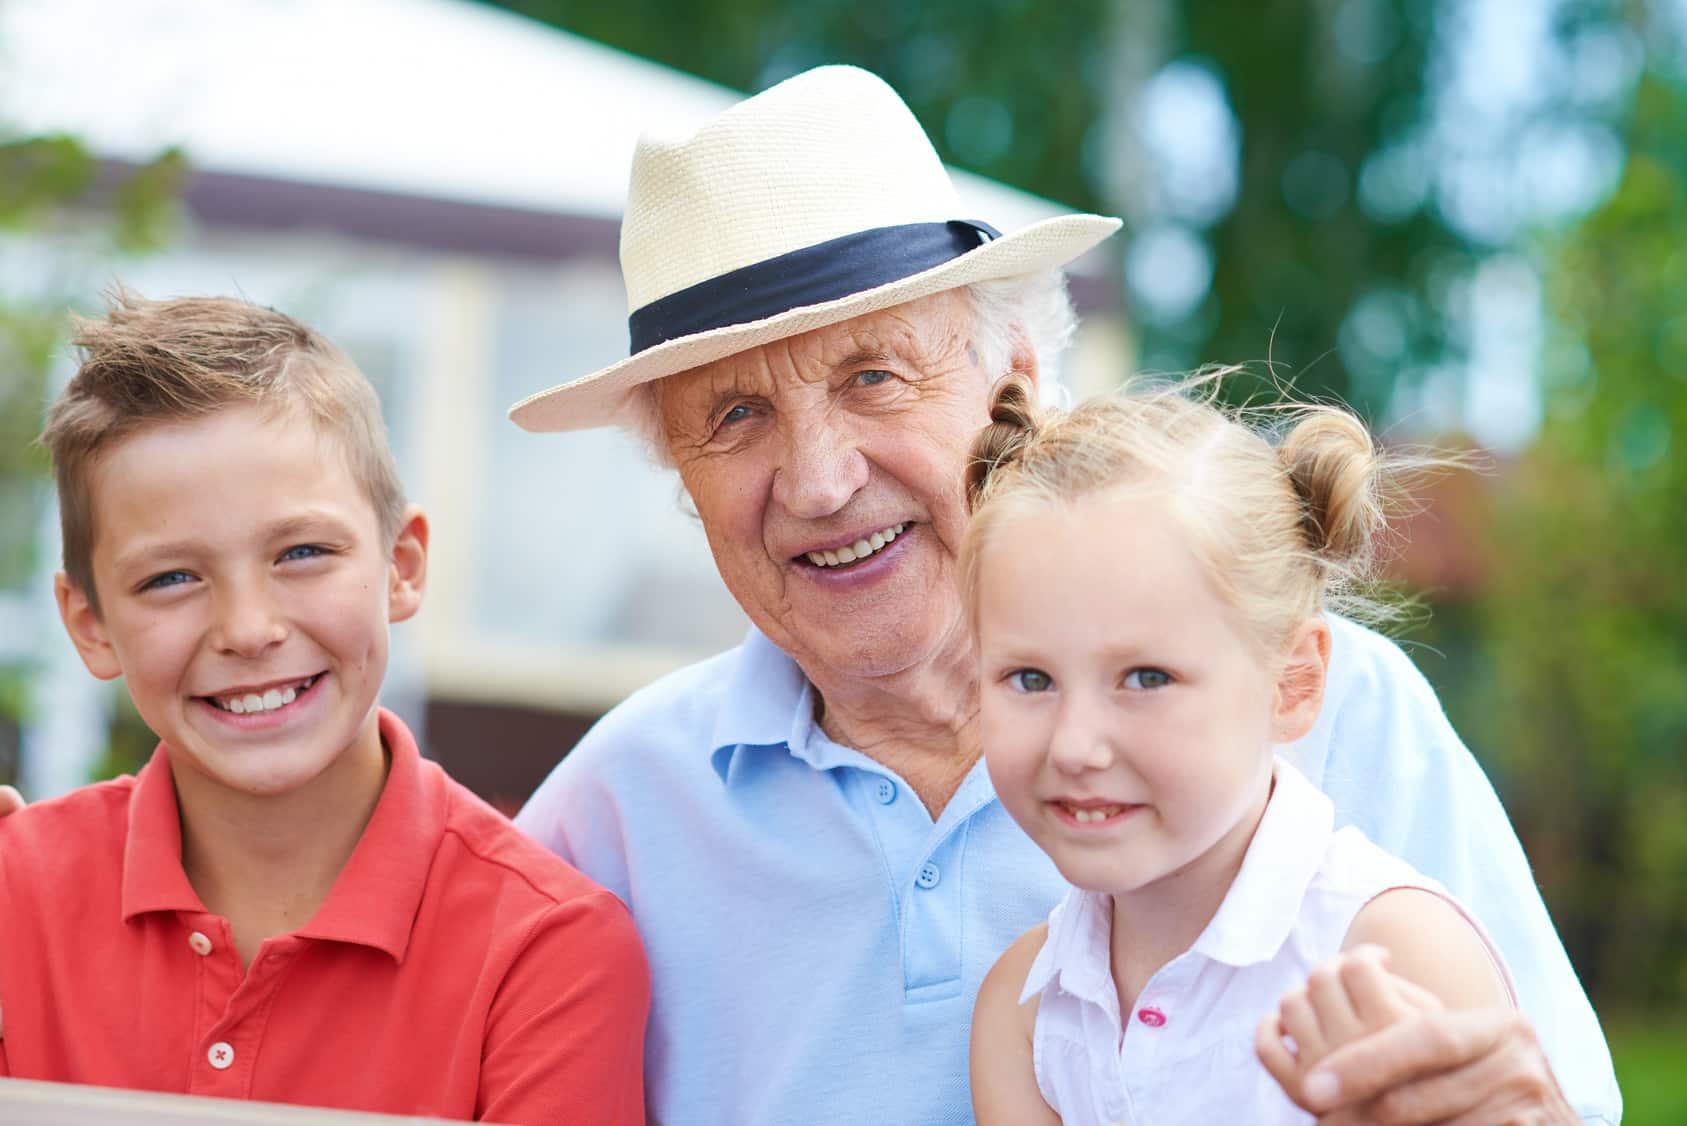 Projekt: dzieci mają nie oglądać ludzi starych i chorych